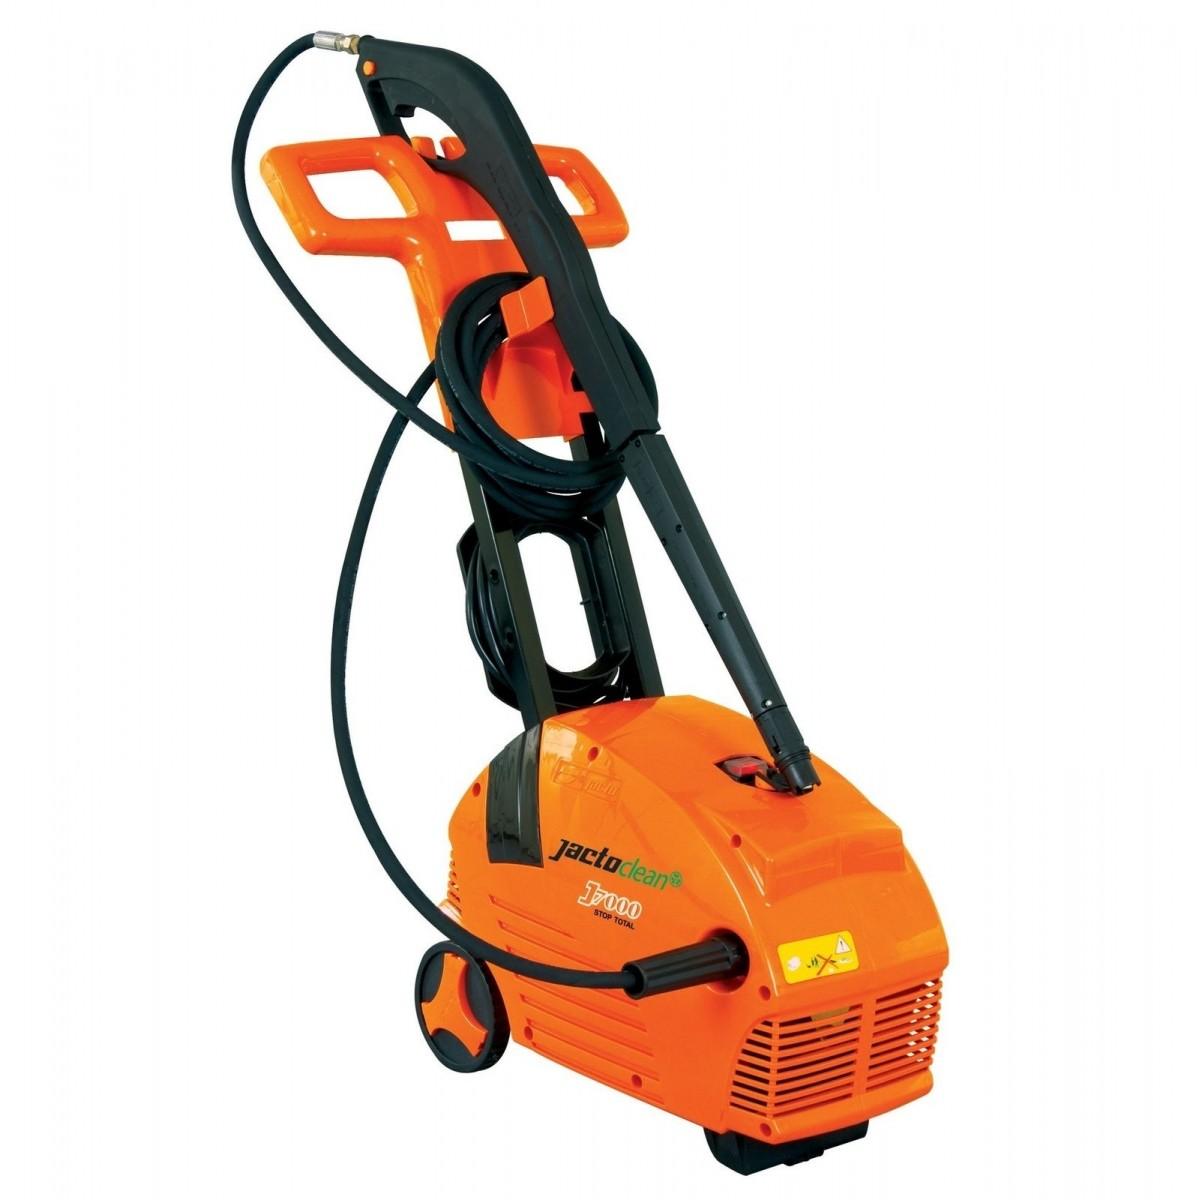 Lavadora De Alta Pressão Elétrica 23 Kw 1600 Libras - Jacto 7000 220v